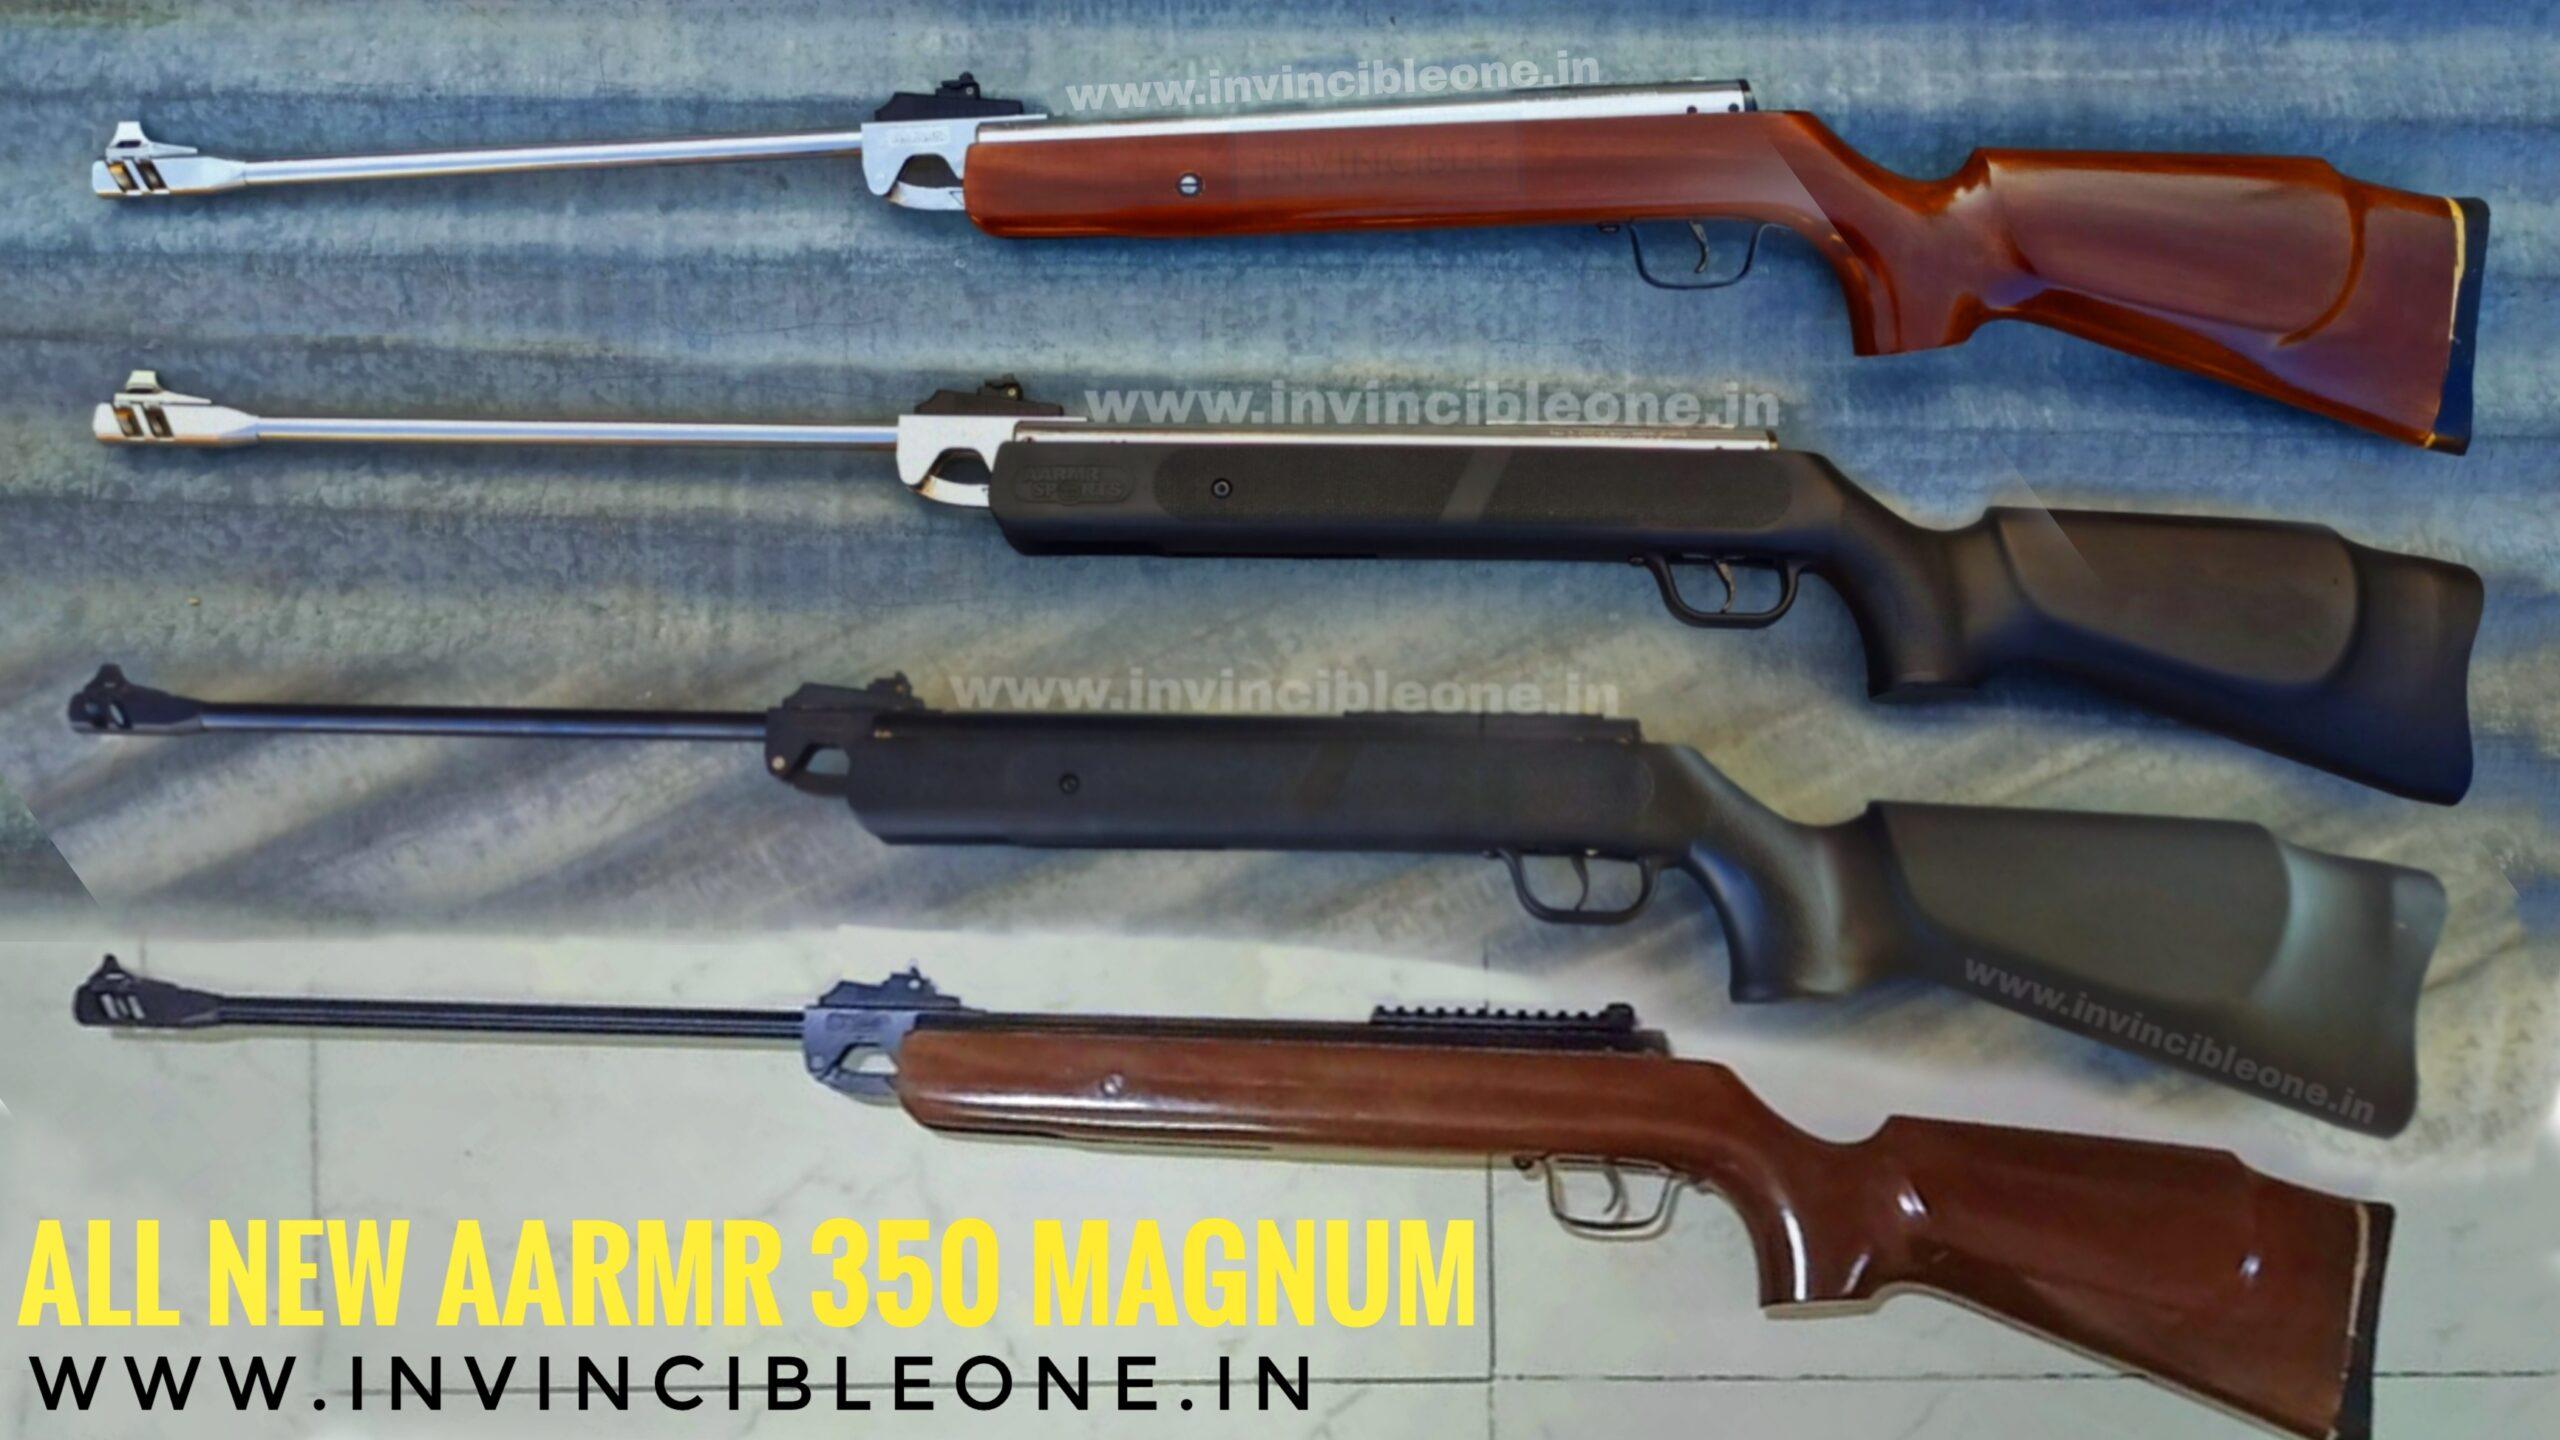 New aarmr 350 magnum (invincibleone)